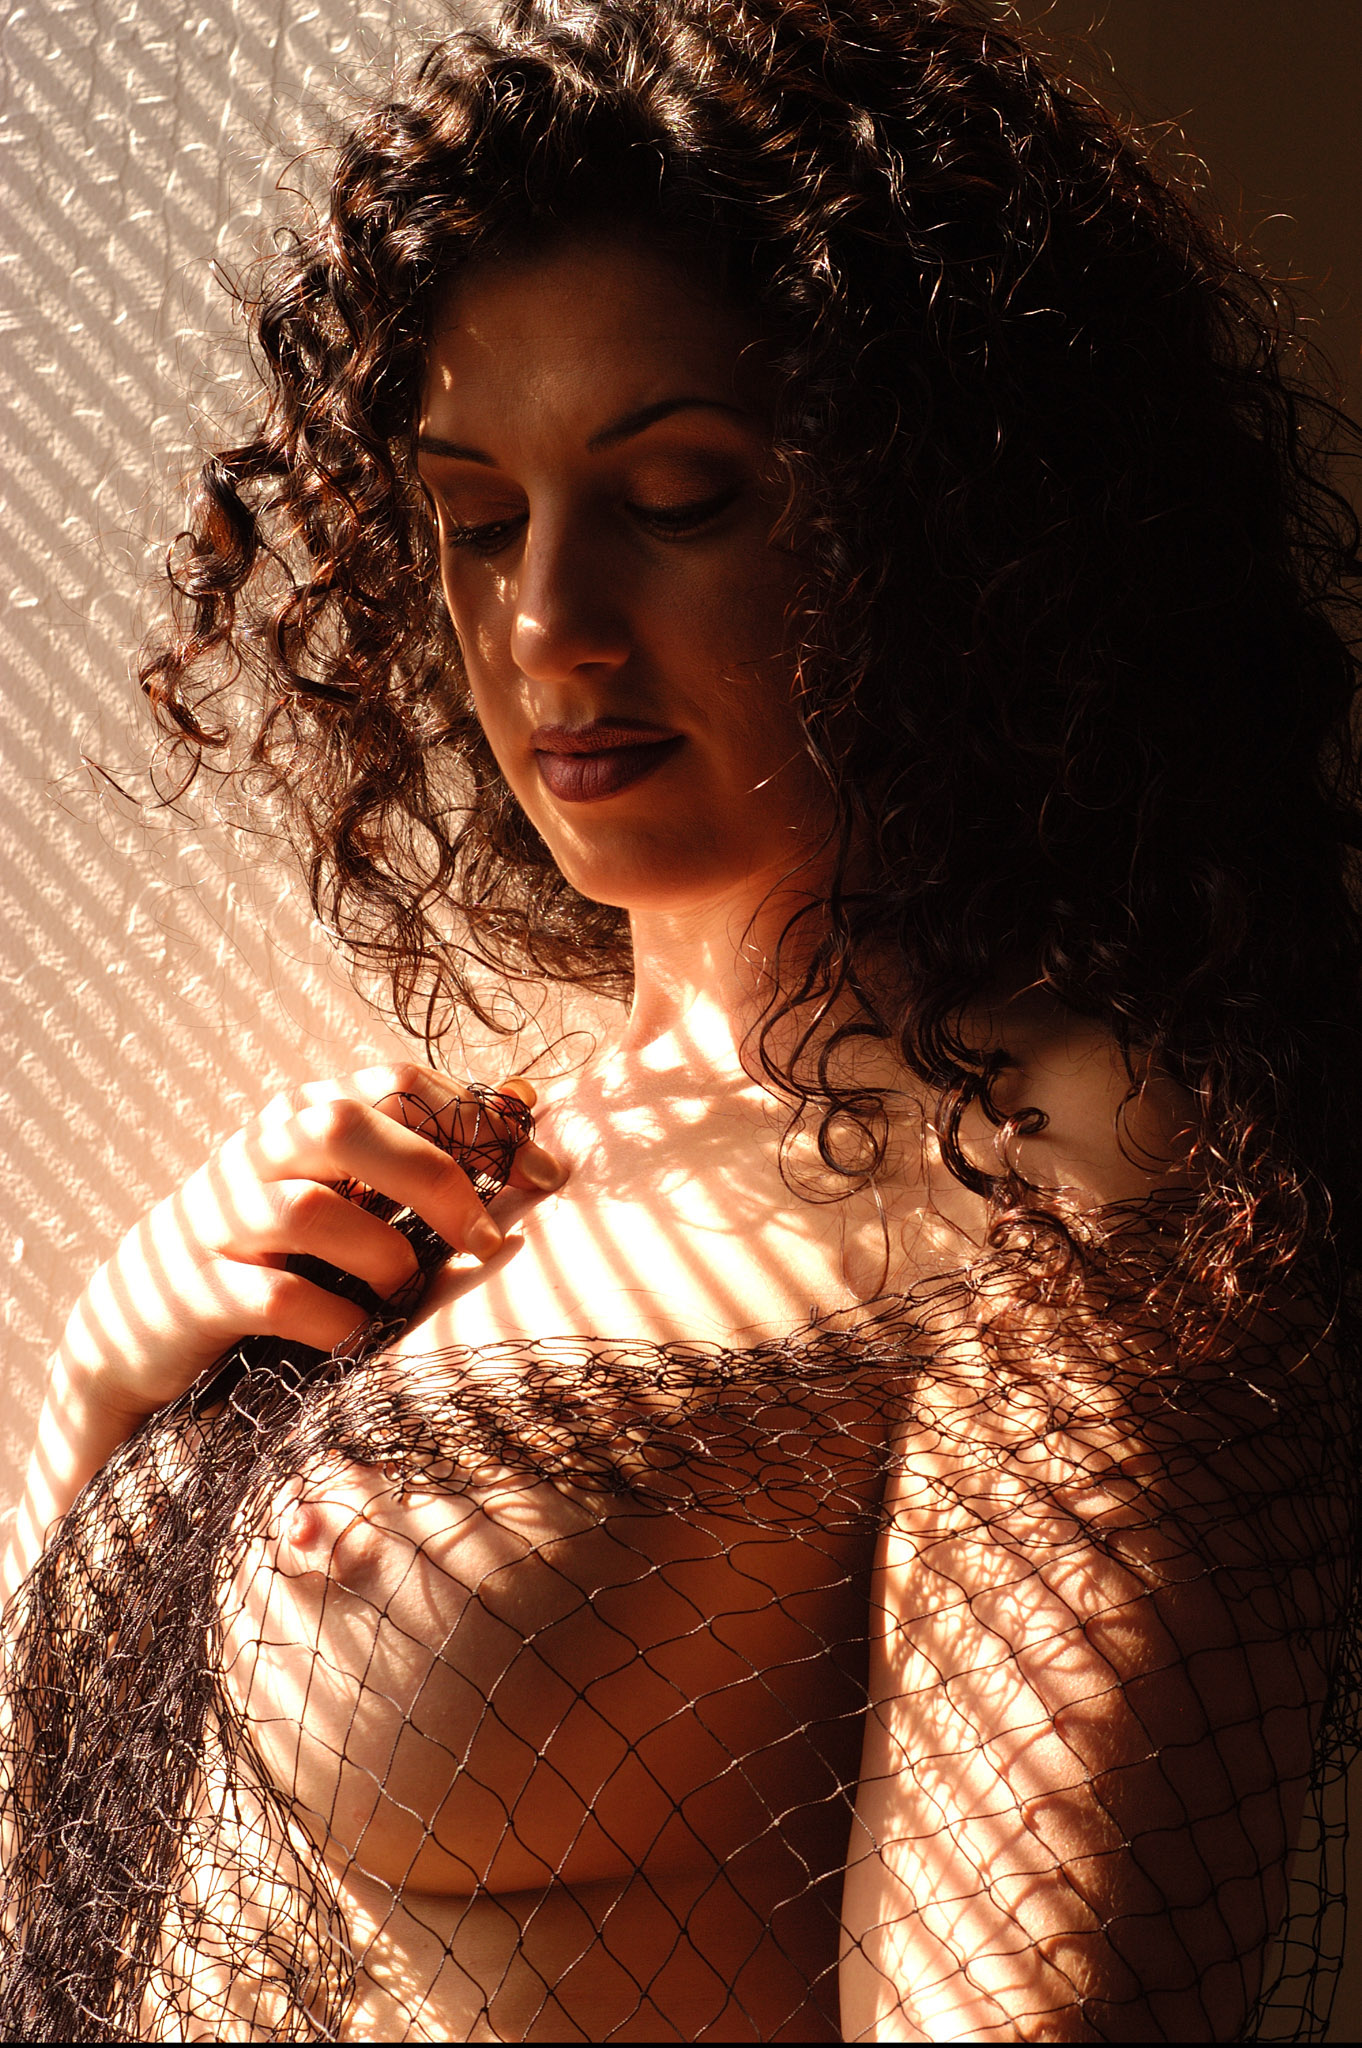 Marjorie / фото Ziv Gillat